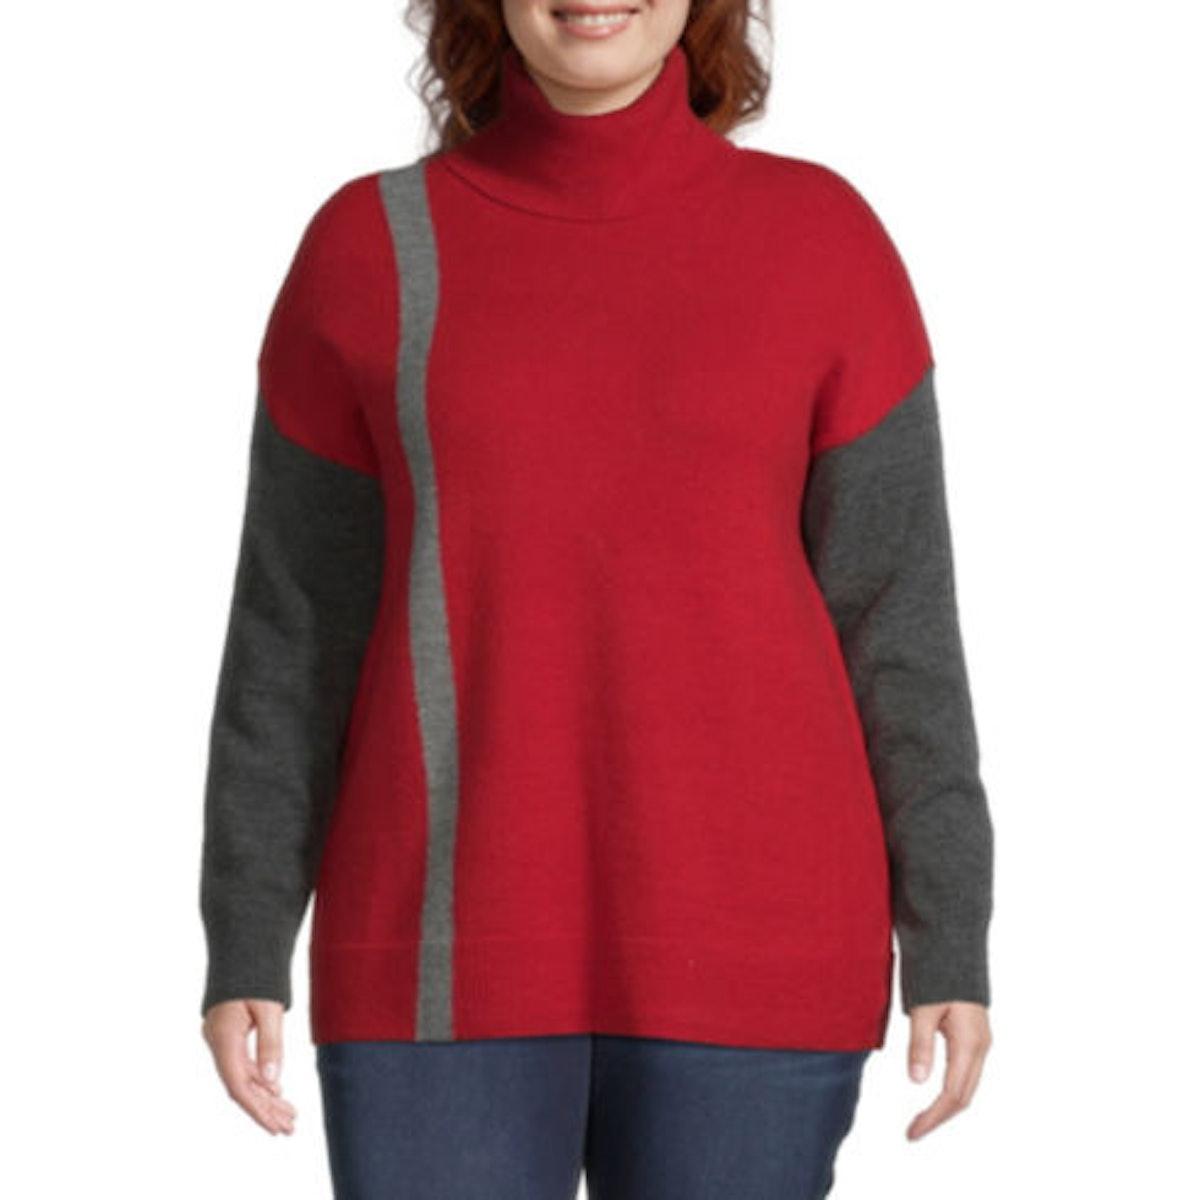 Liz Claiborne Colorbock Sweater